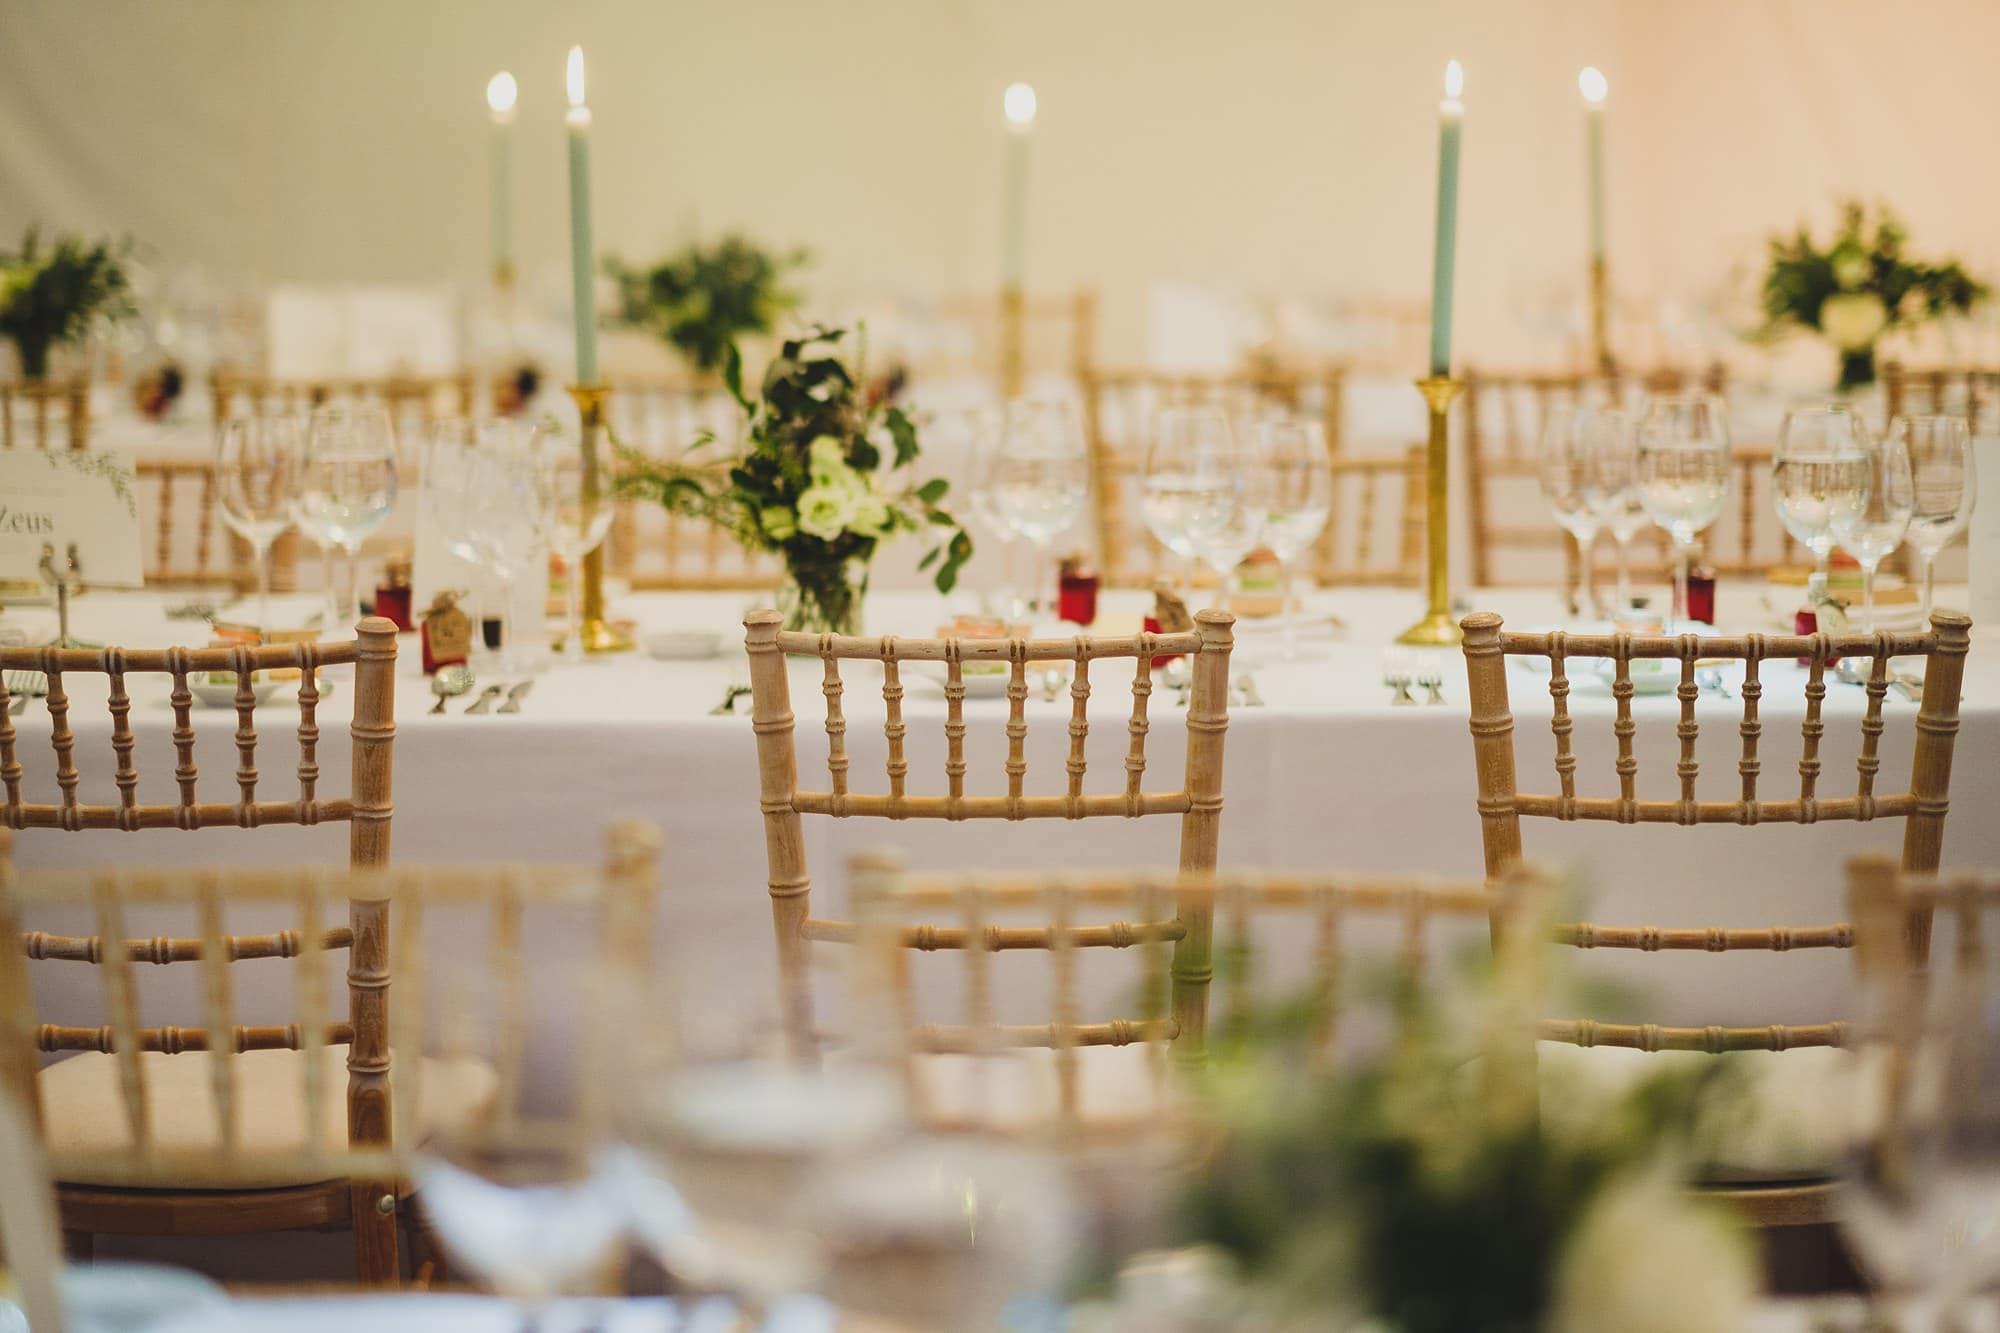 fulham palace wedding photographer ok 070 - Olivia + Kyle